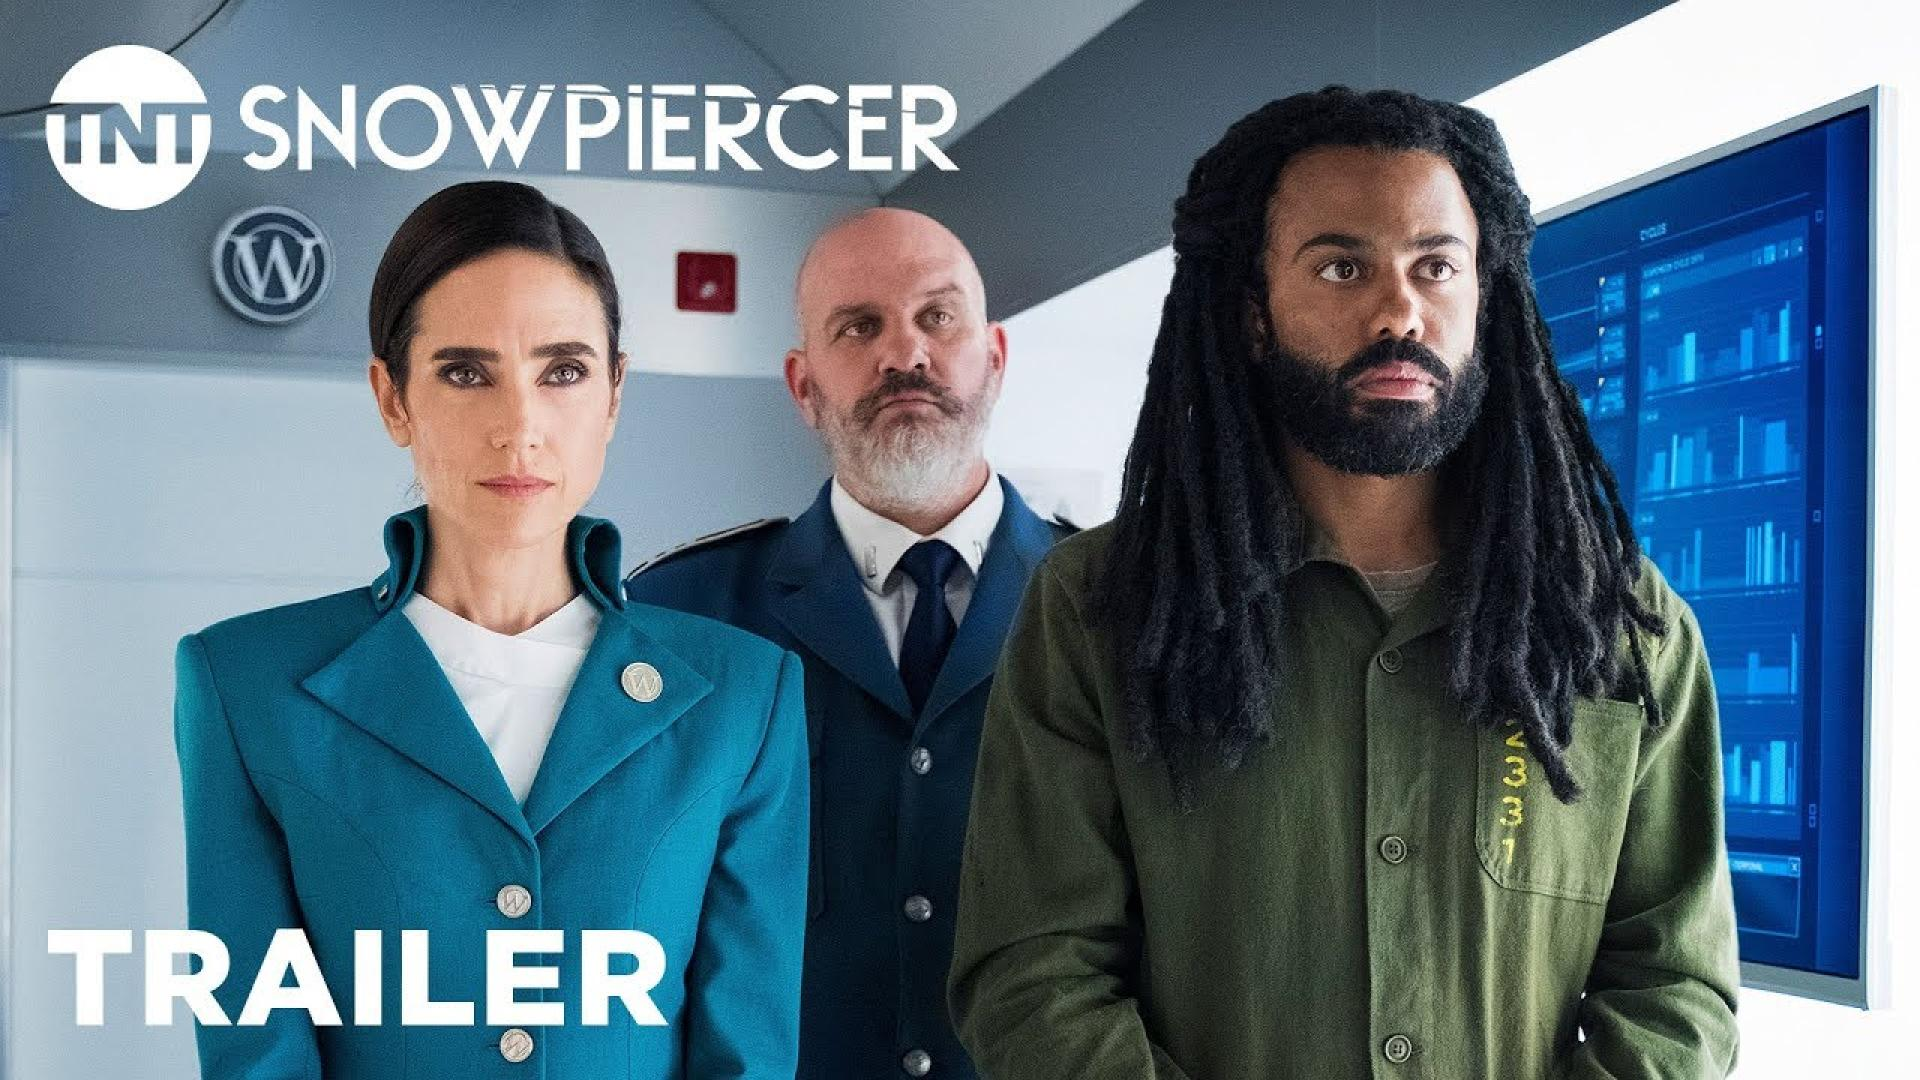 Itt a Snowpiercer sorozat új előzetese